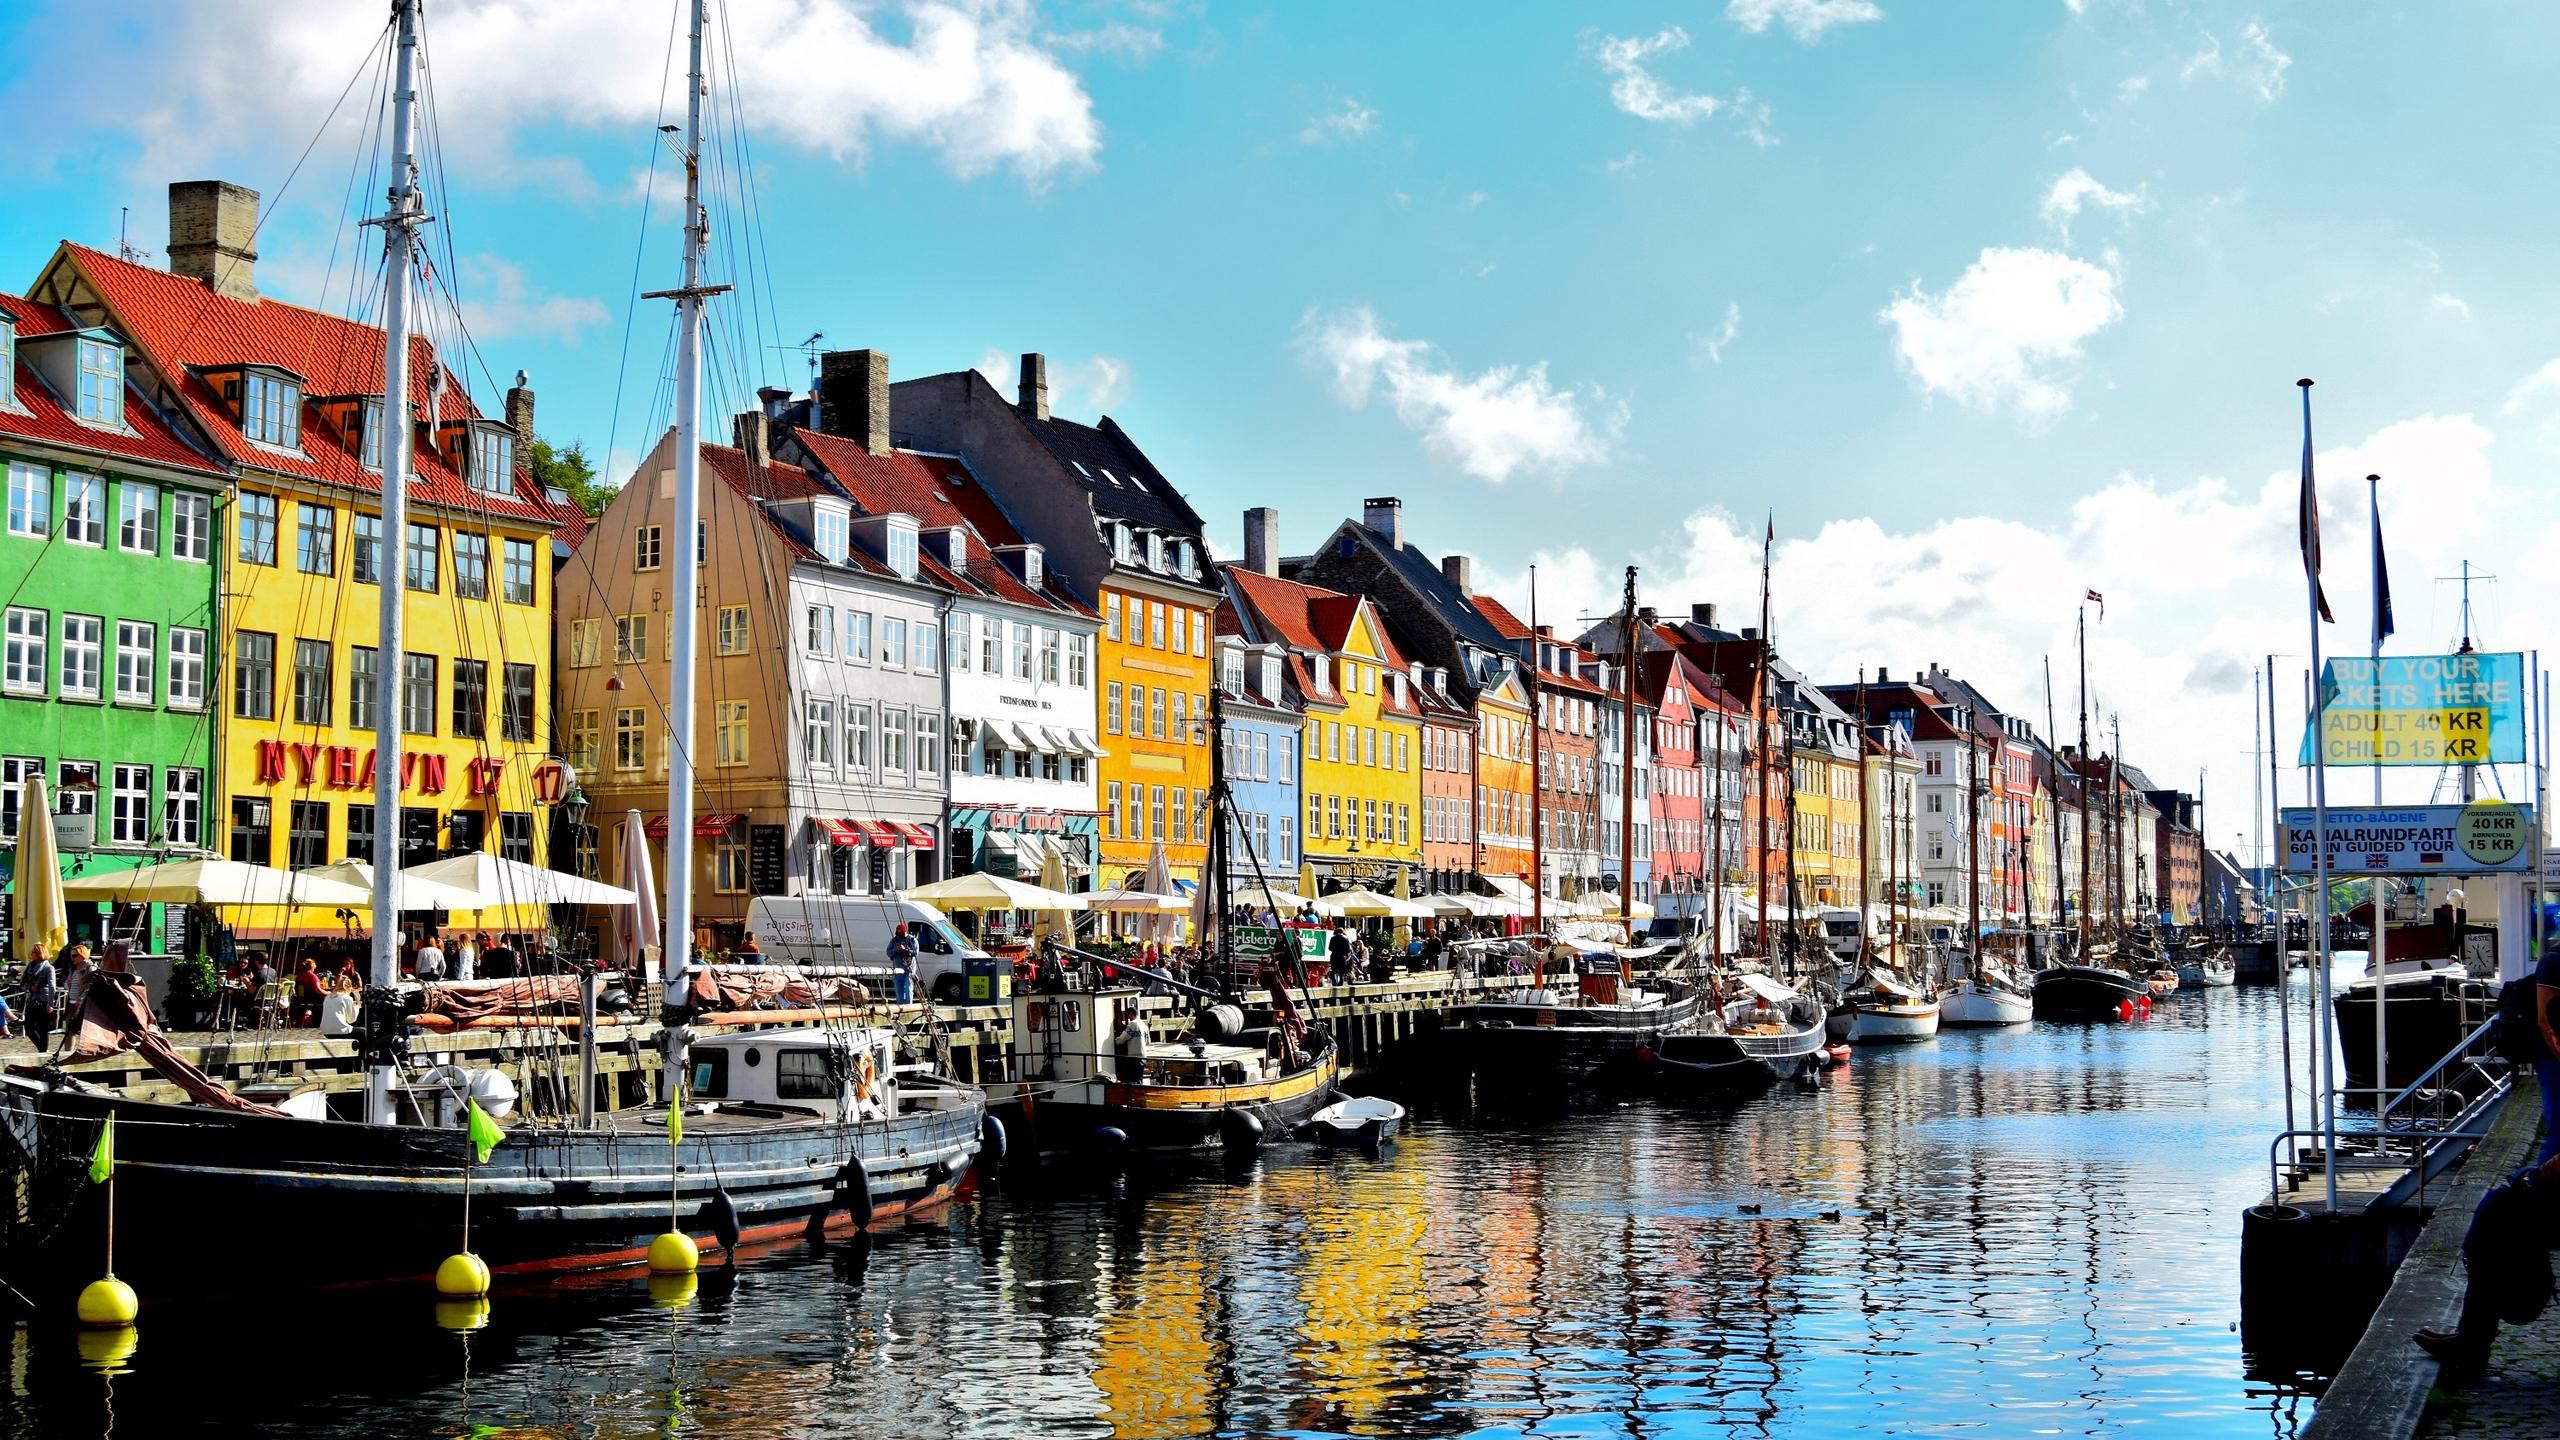 Download wallpaper 2560x1440 copenhagen denmark pier buildings 2560x1440